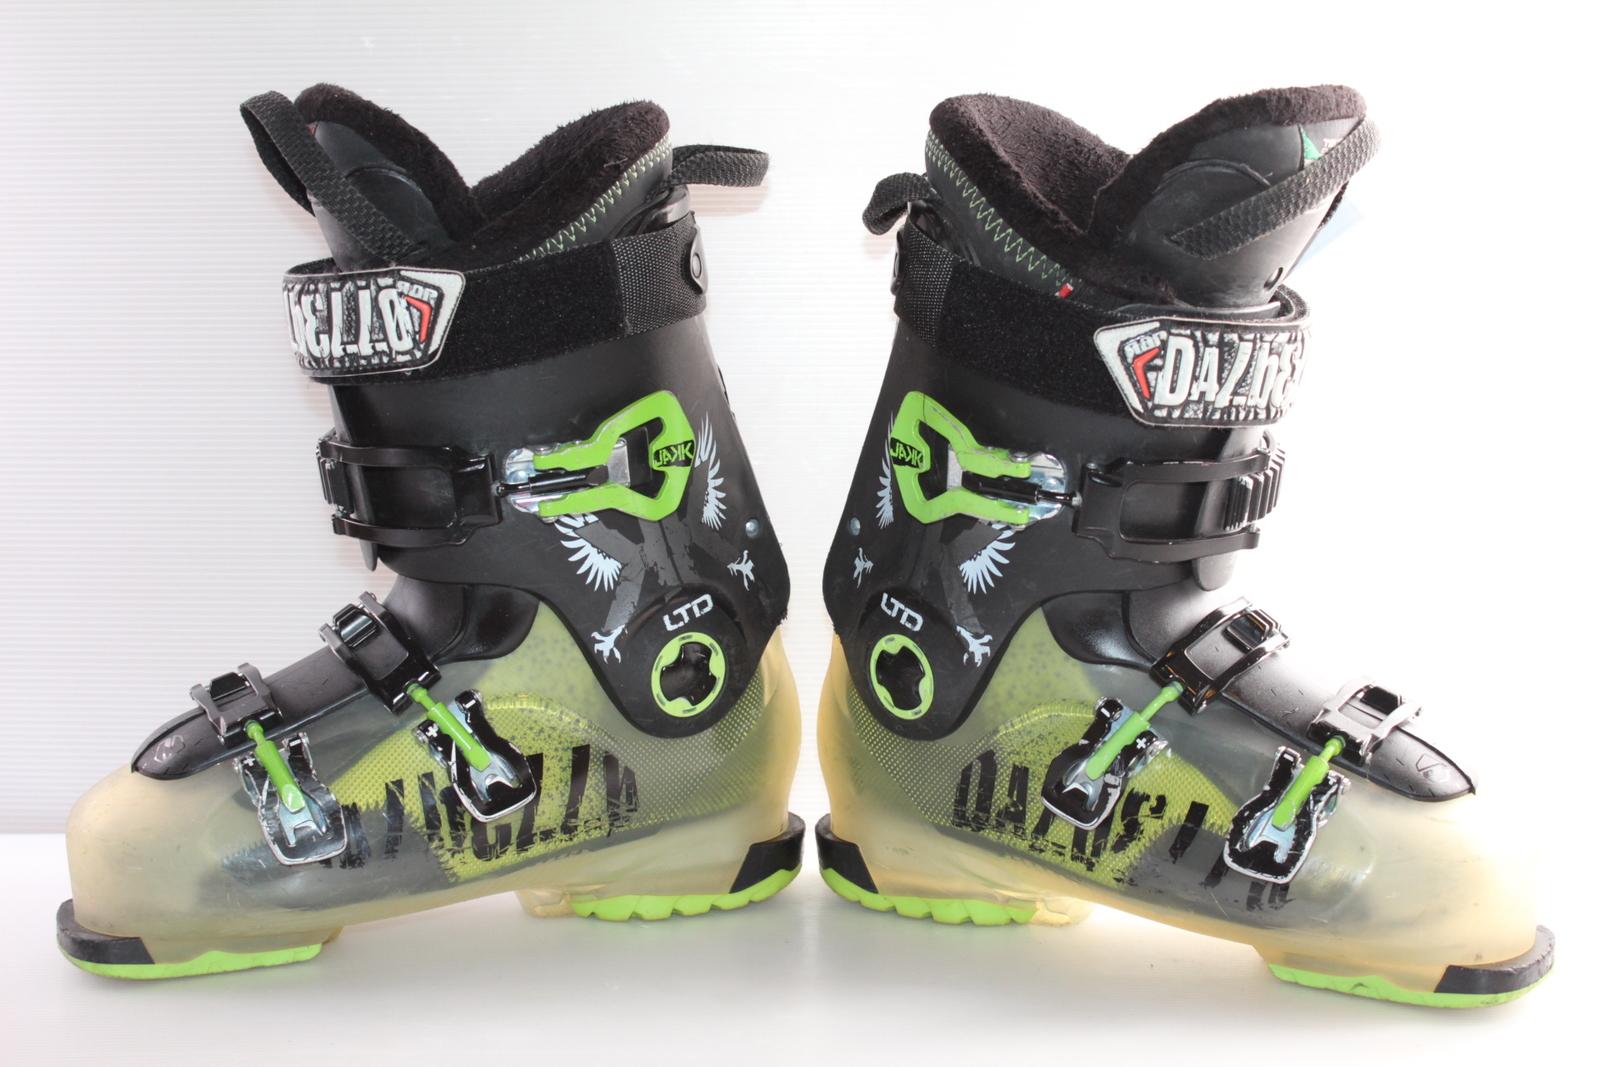 Lyžařské boty Dalbello Jakk Ltd vel. EU42.5